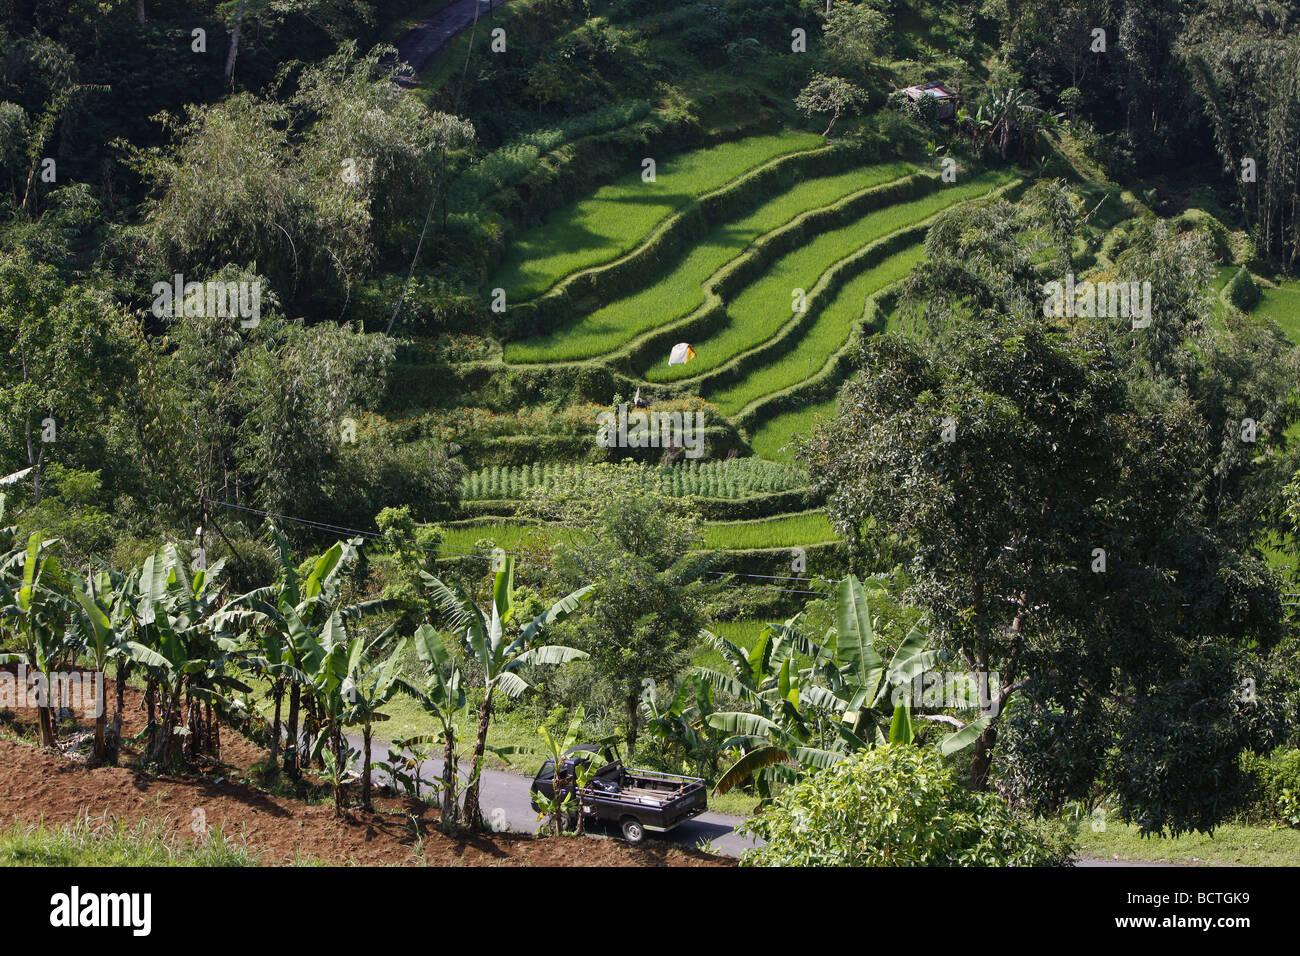 Los Arrozales Y Campos De Cultivo De Hortalizas En La